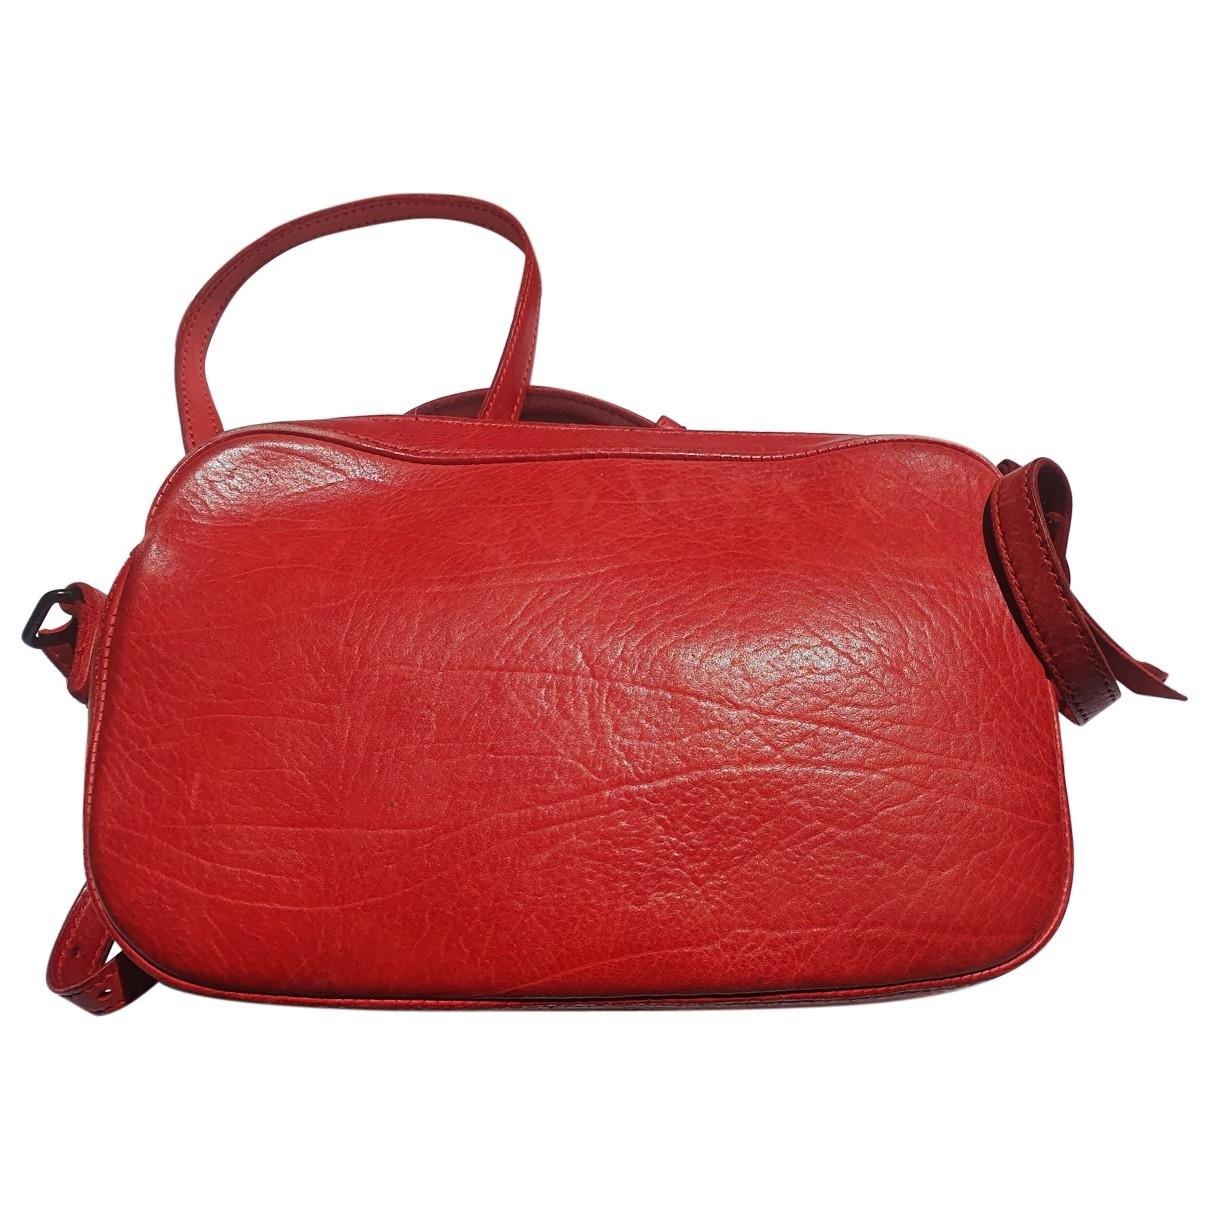 Christian Peau \N Clutch in  Rot Leder